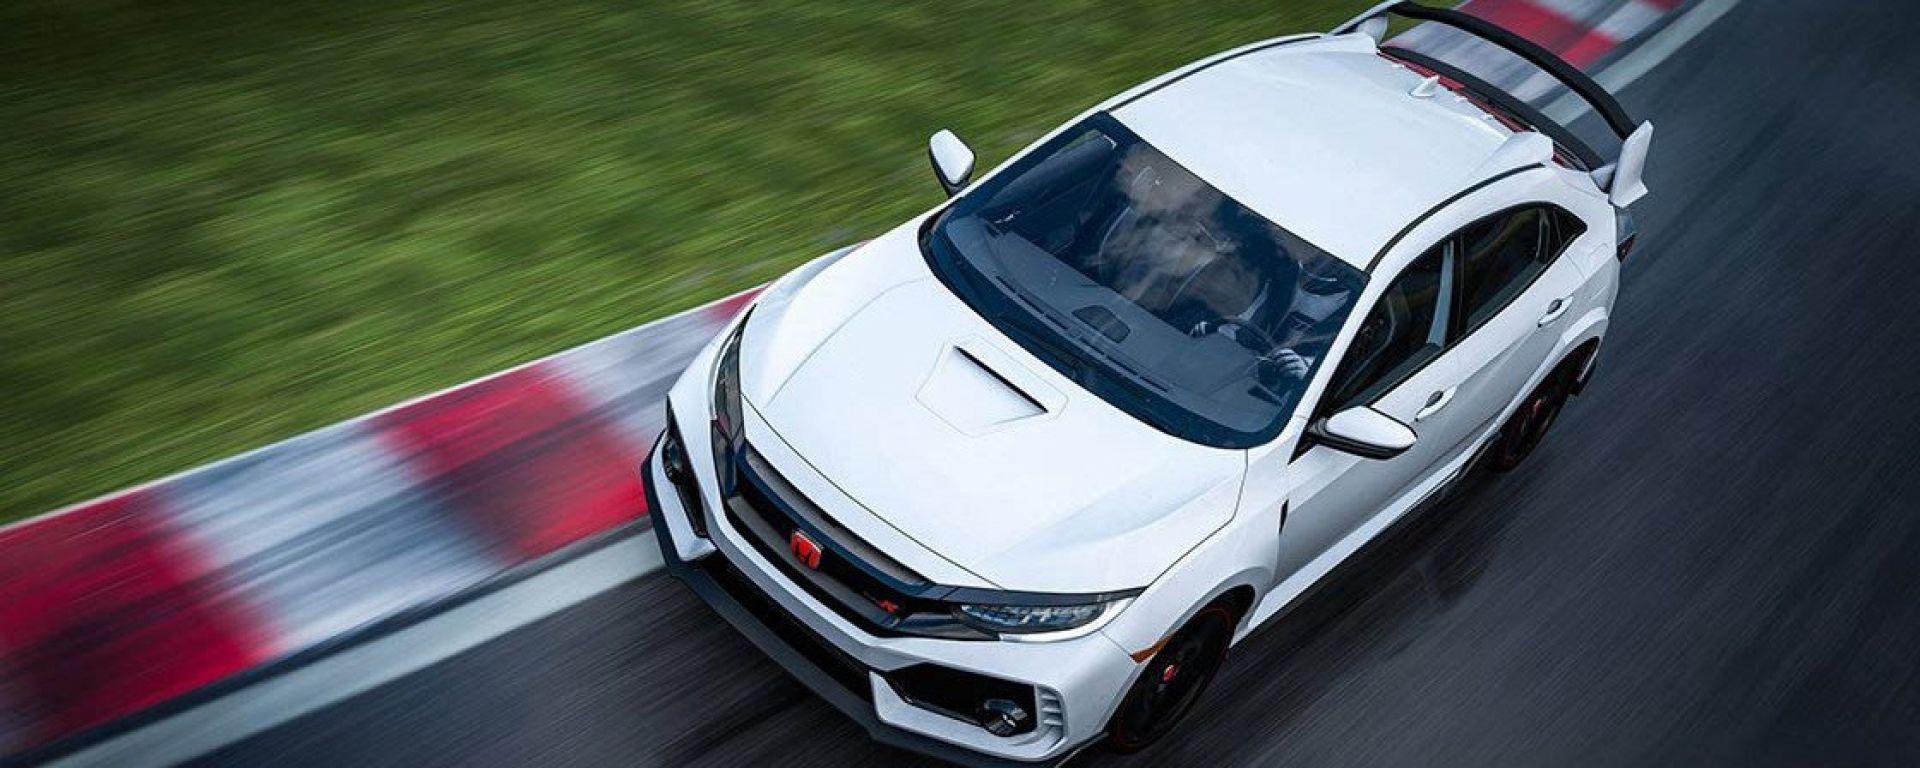 La Honda Civic Type R sbarca su Forza Motorsport 7